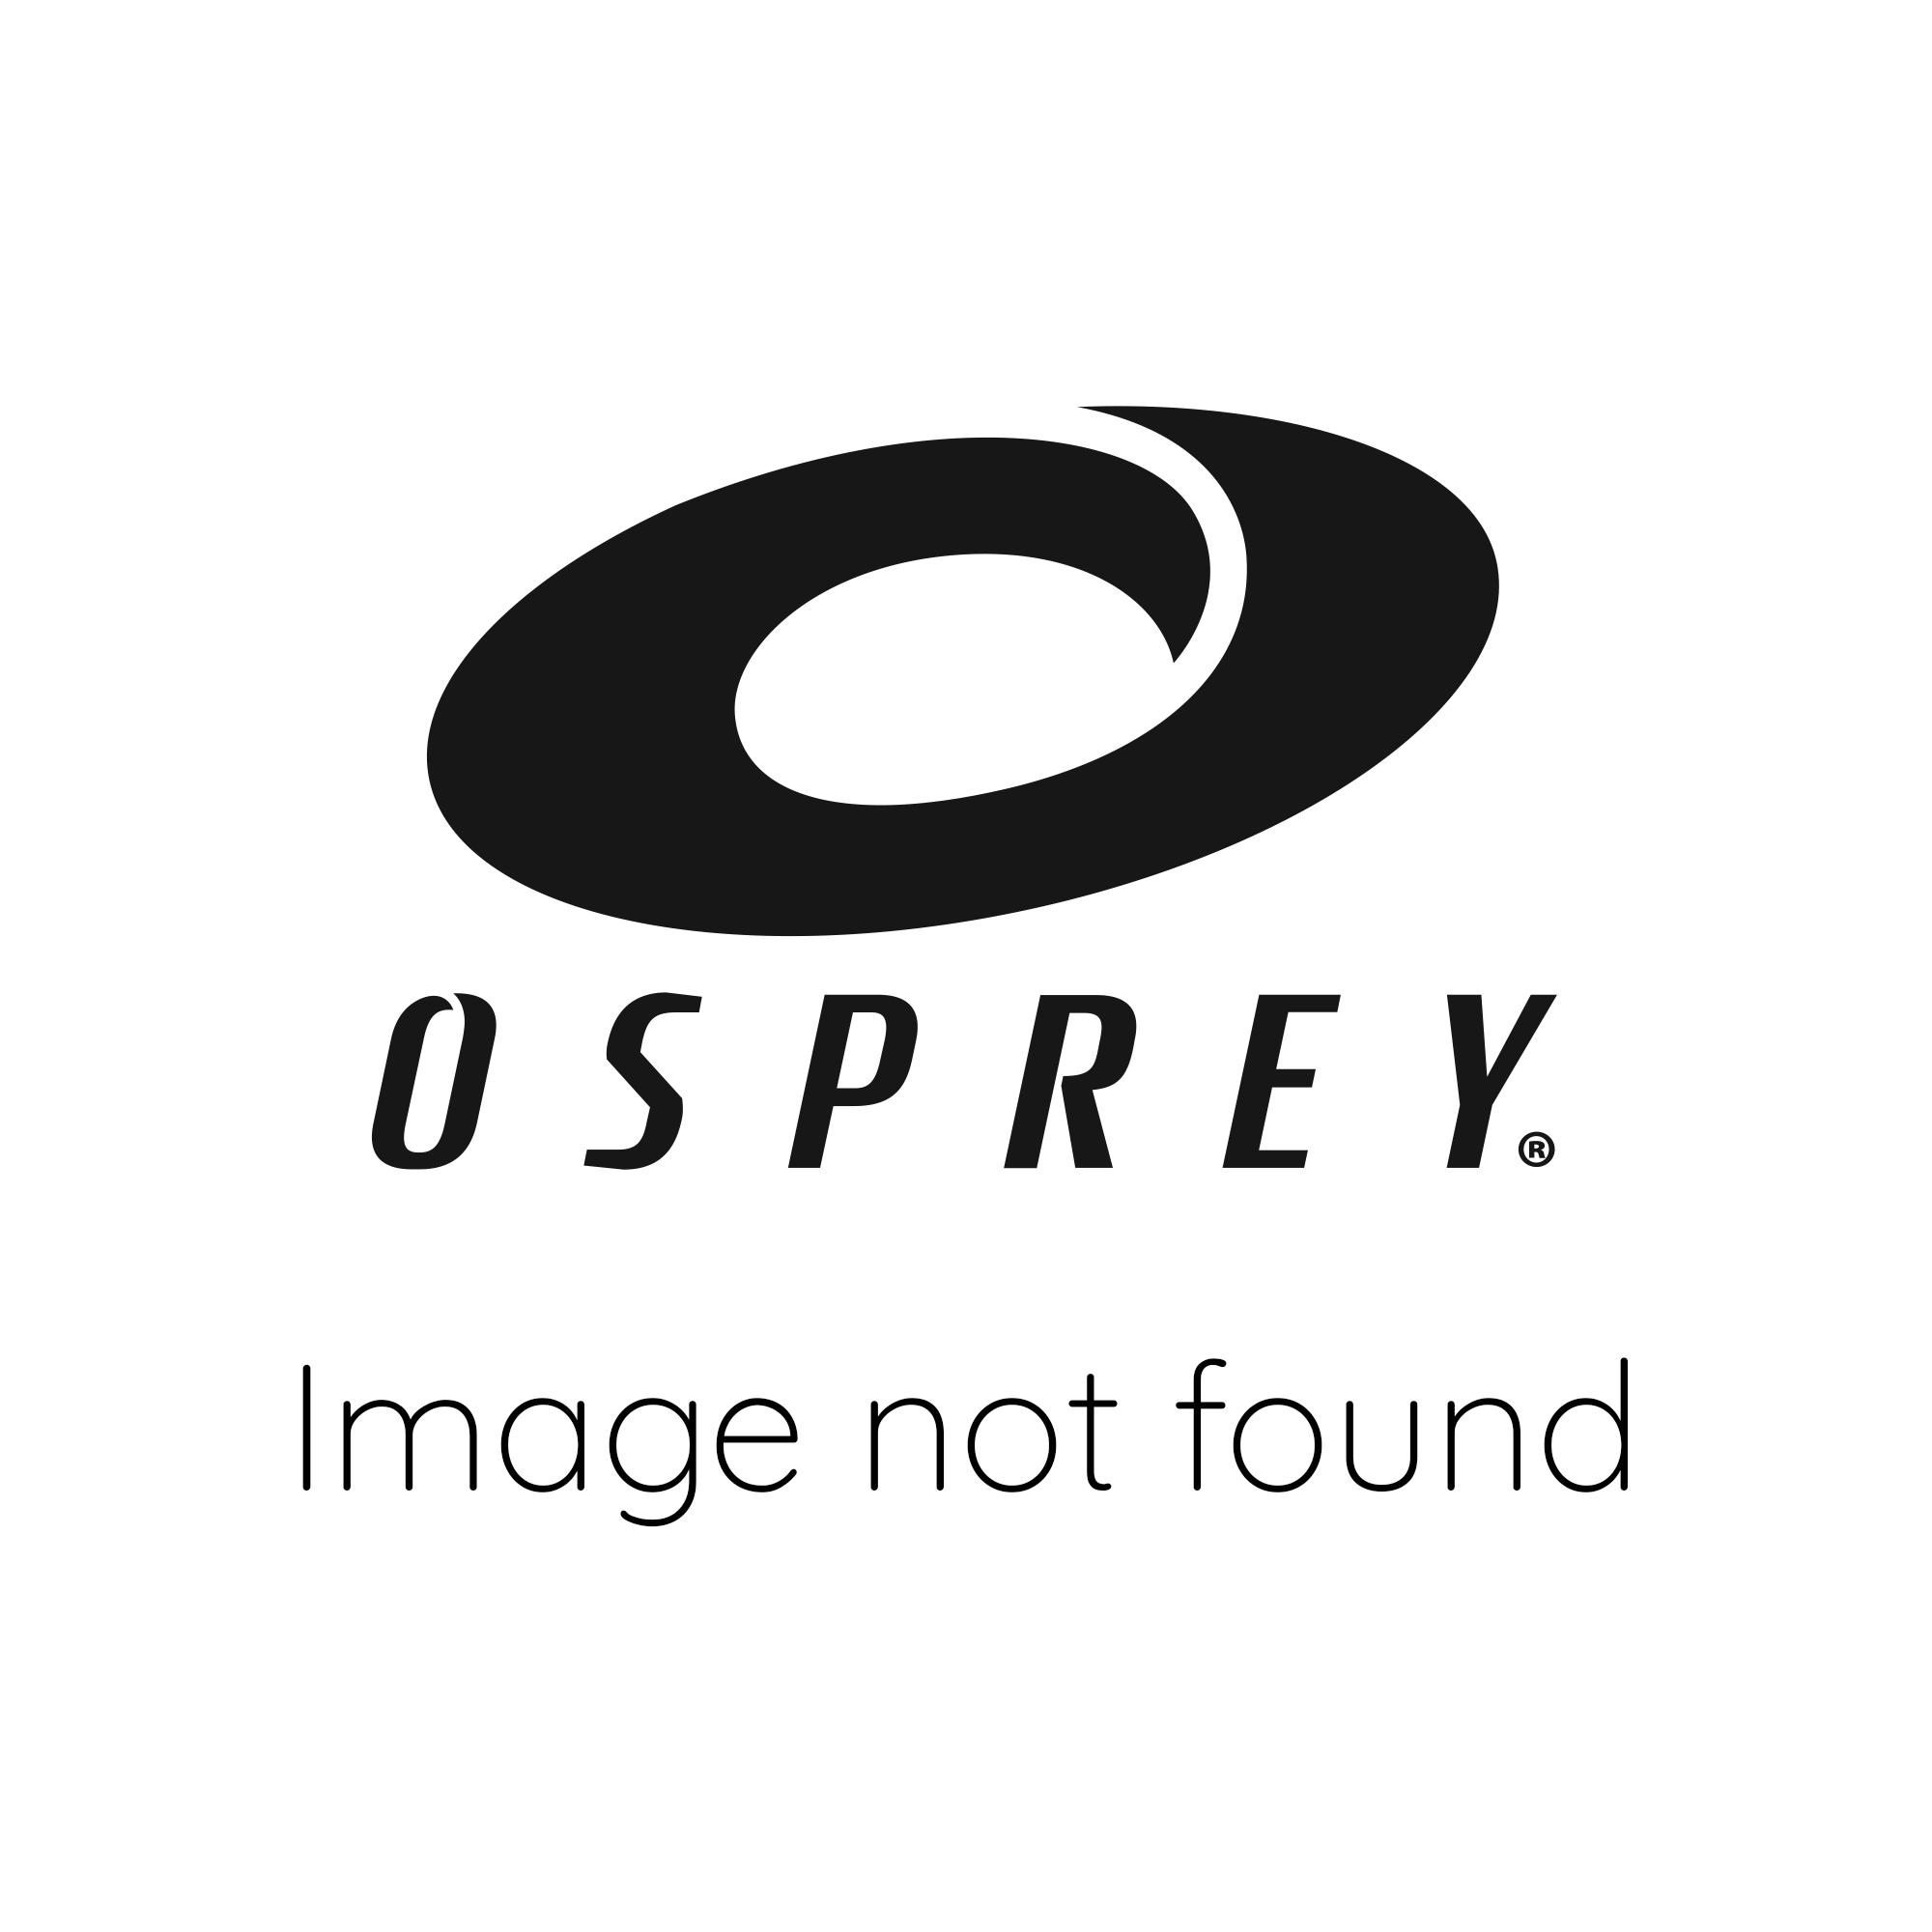 Osprey Womens 5mm Triathlon Full Length Wetsuit - Black